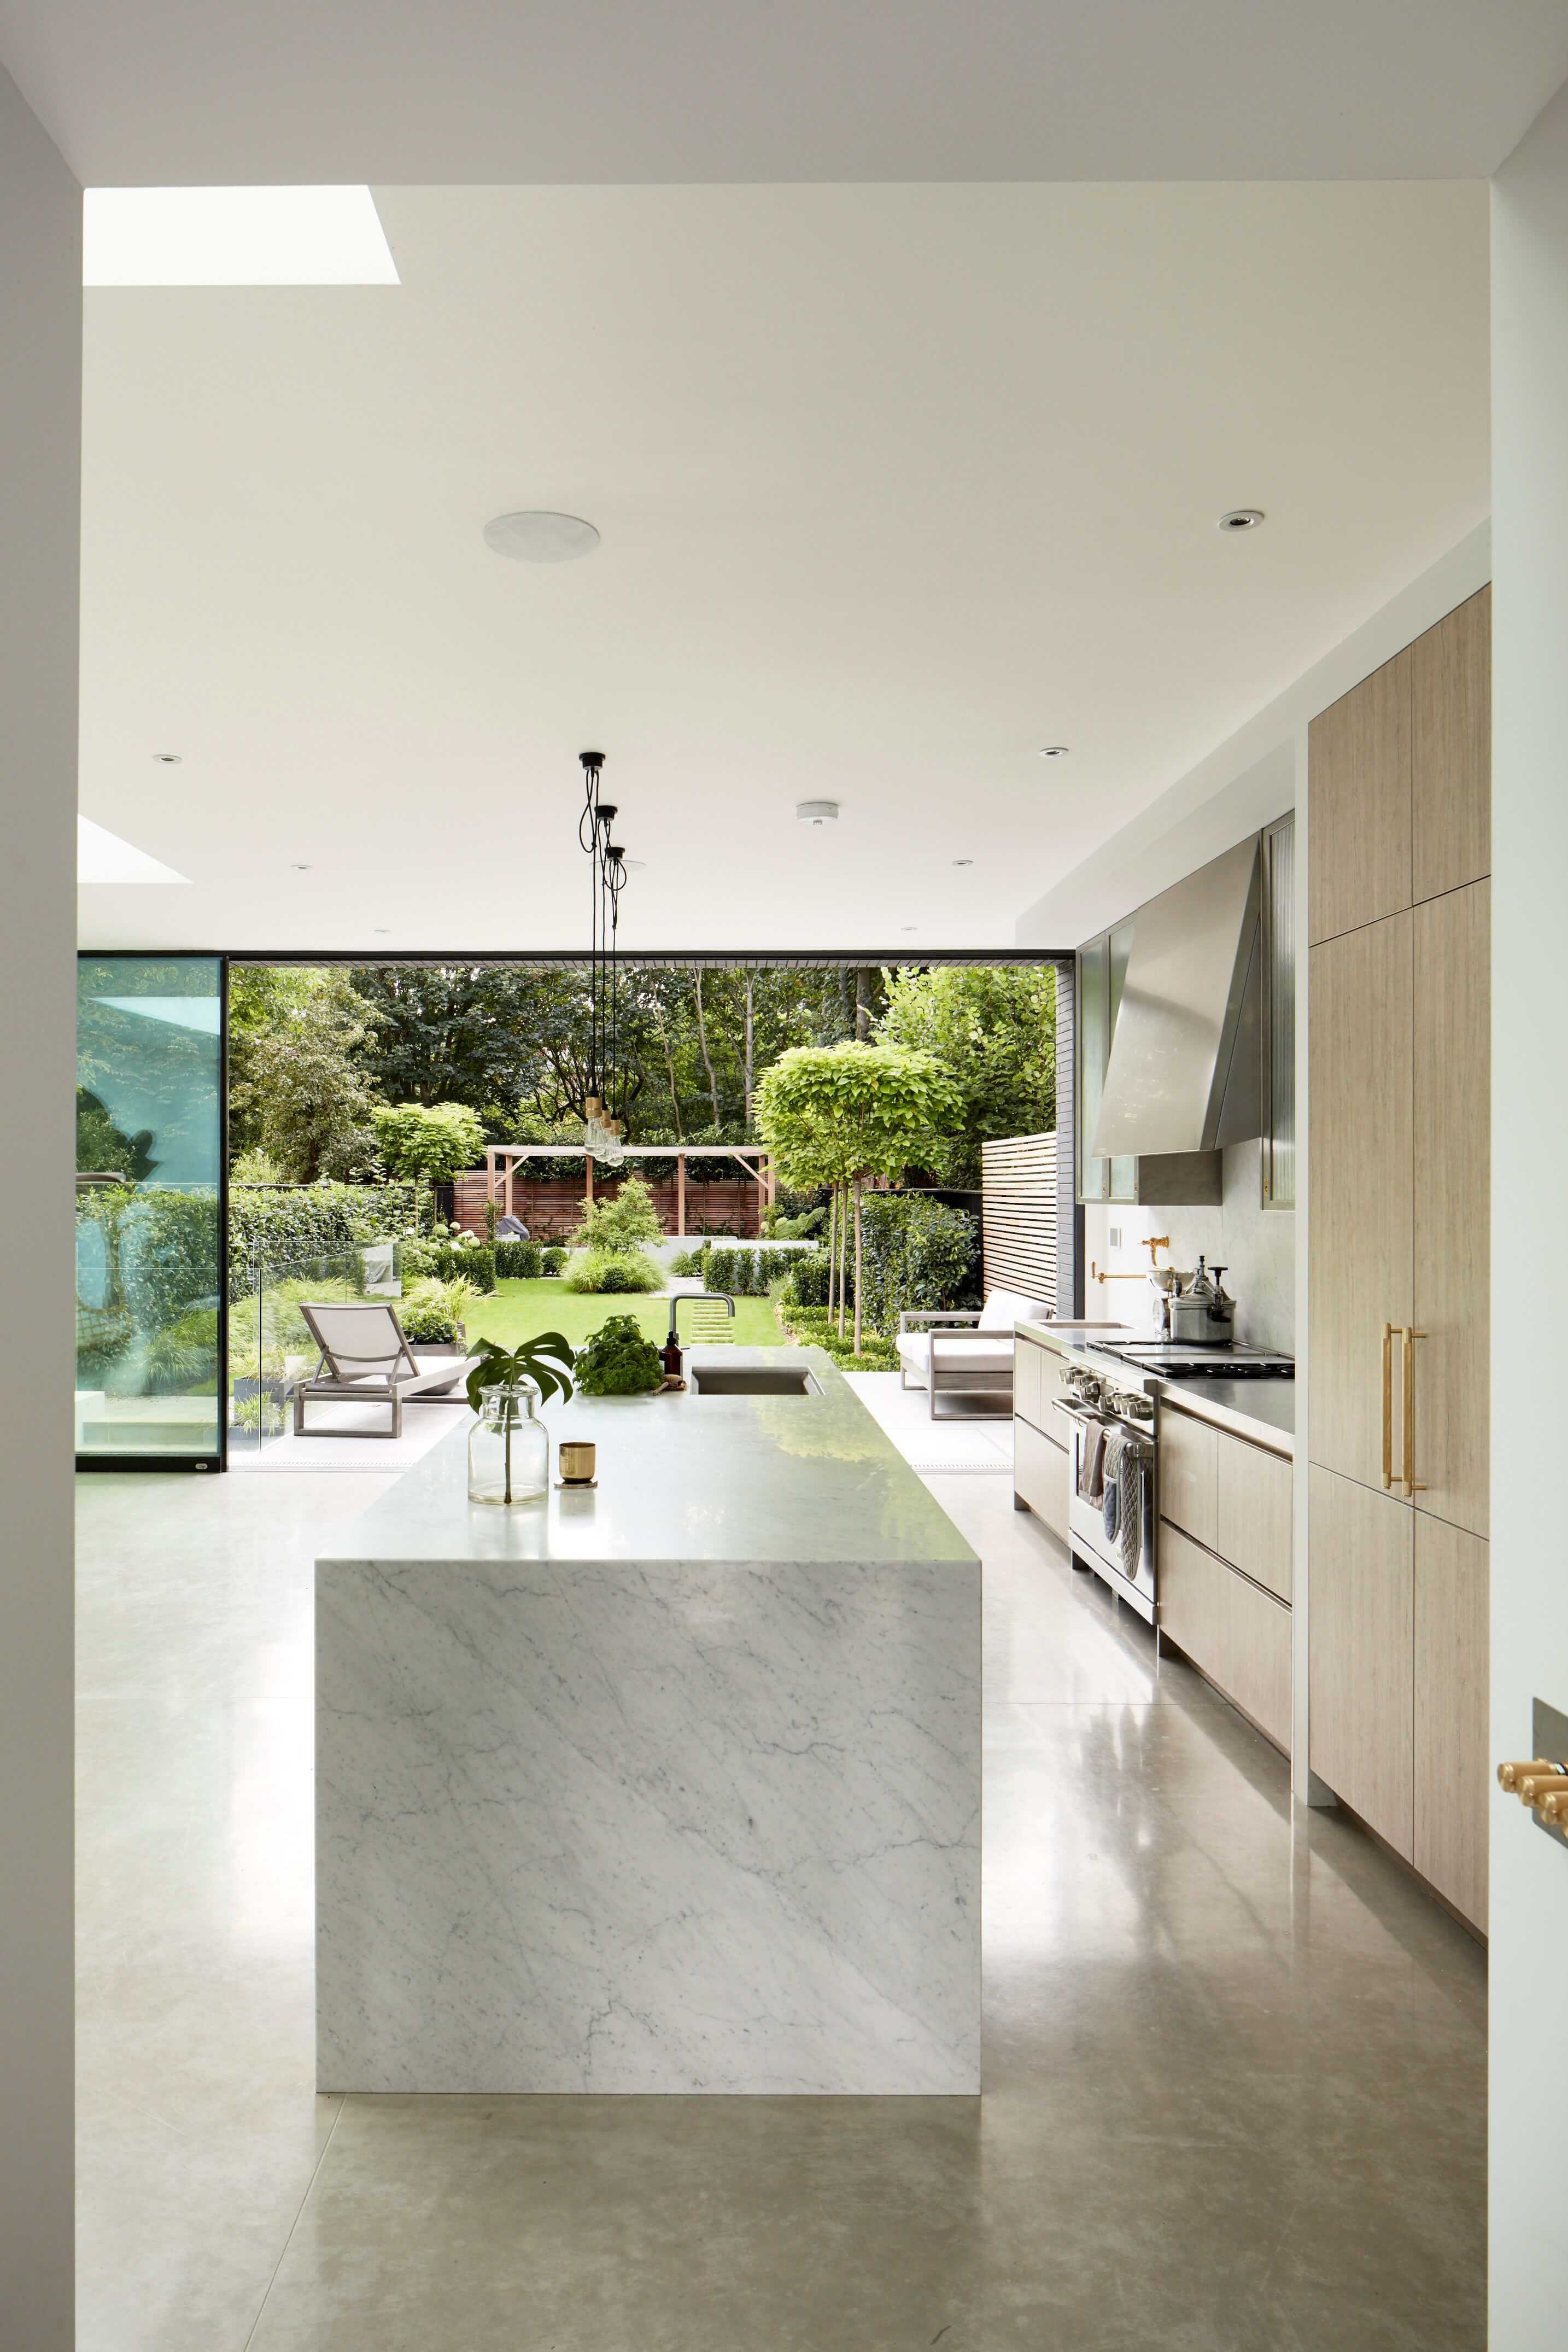 Matrix Contemporary Luxury Designer Kitchen London Contemporary Kitchen Design London Kitchen Luxury Kitchen